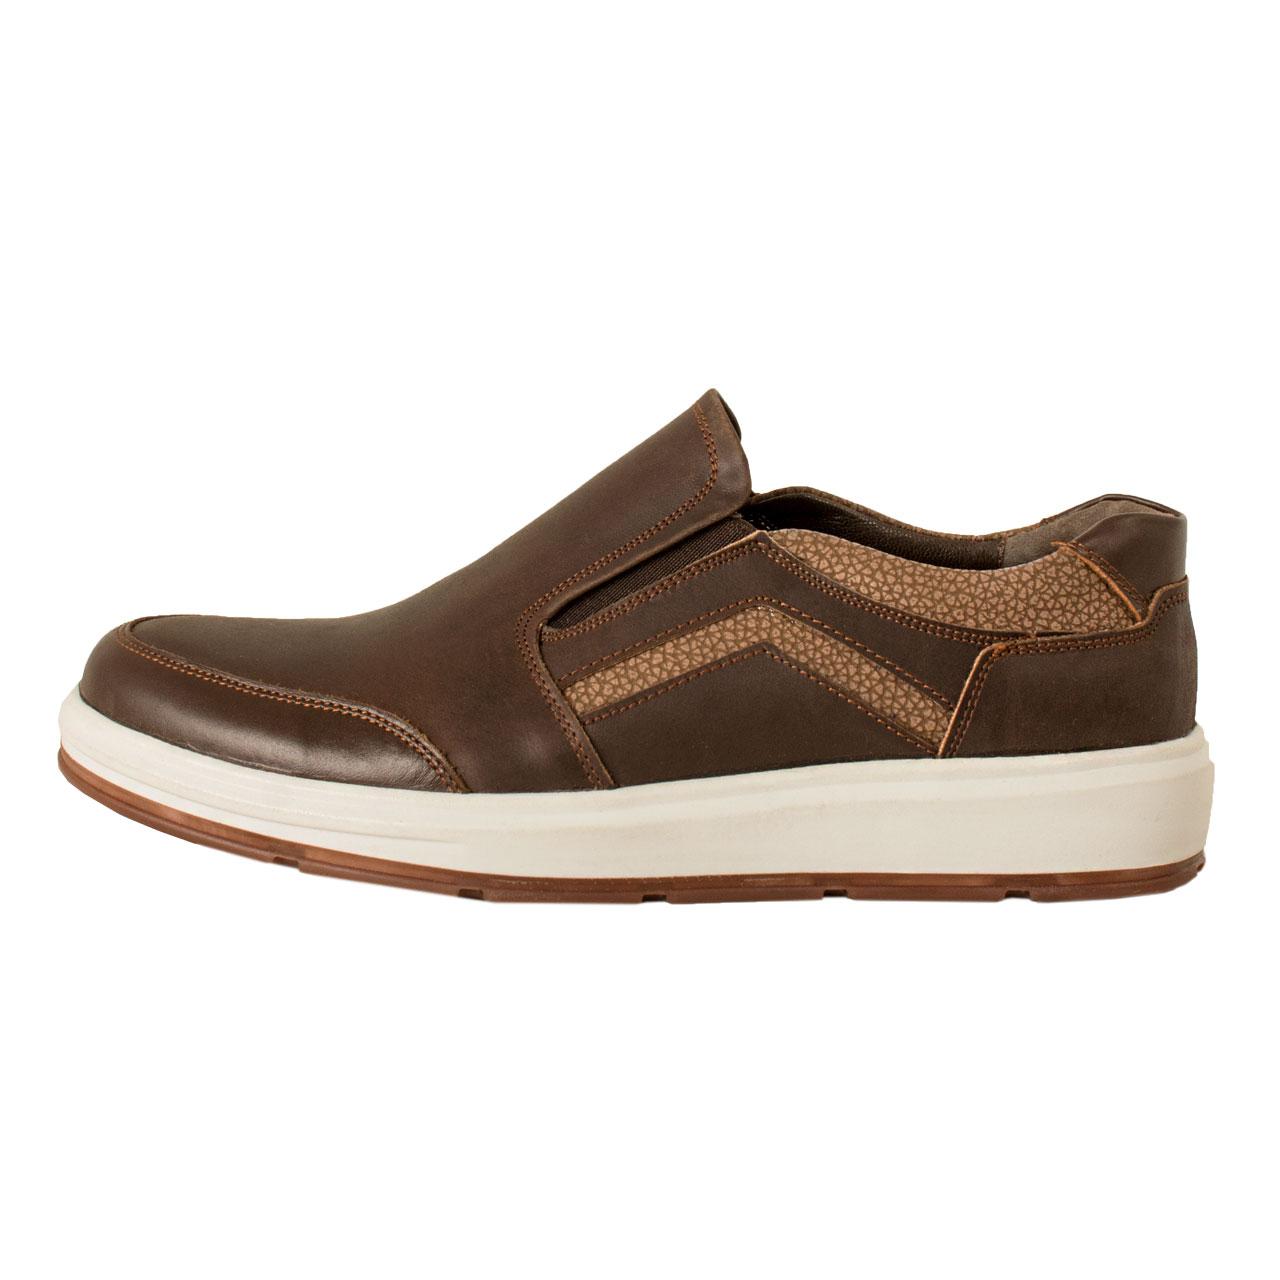 کفش روزمره مردانه پارینه چرم مدل SHO194-7